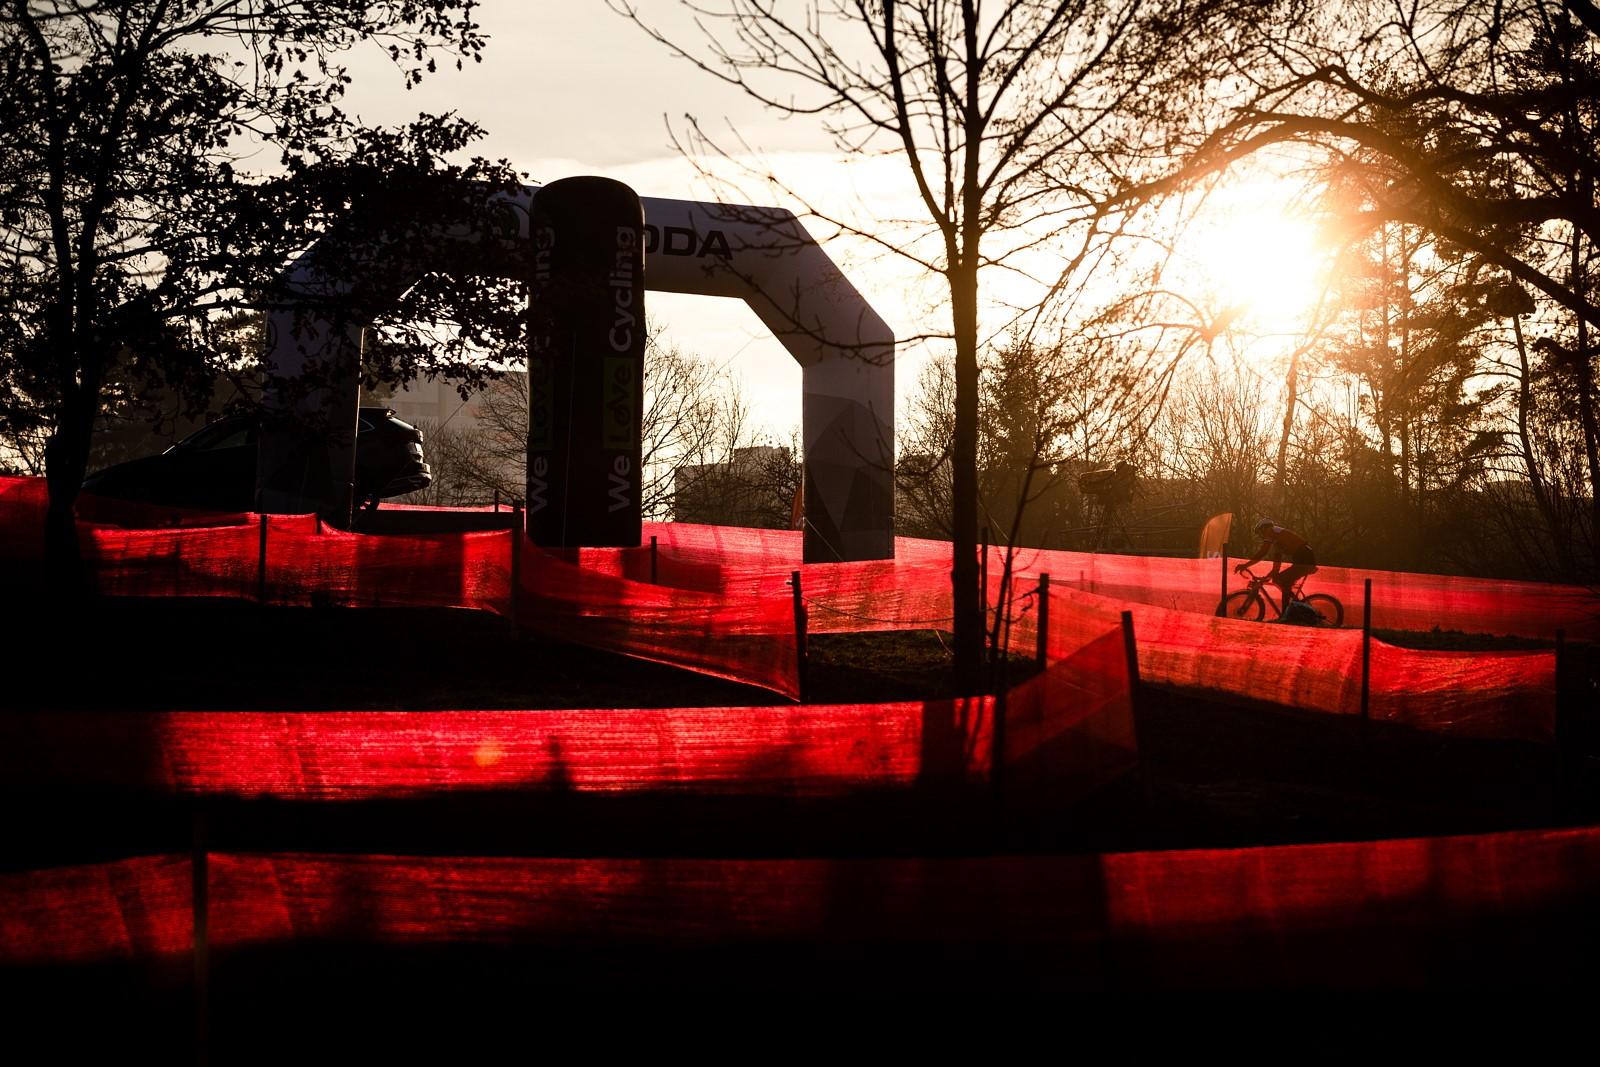 01 - Se zpožděním, ale přece. Na tradičním místě, v jihočeském Táboře, odstartoval světový pohár cyklokrosařů.